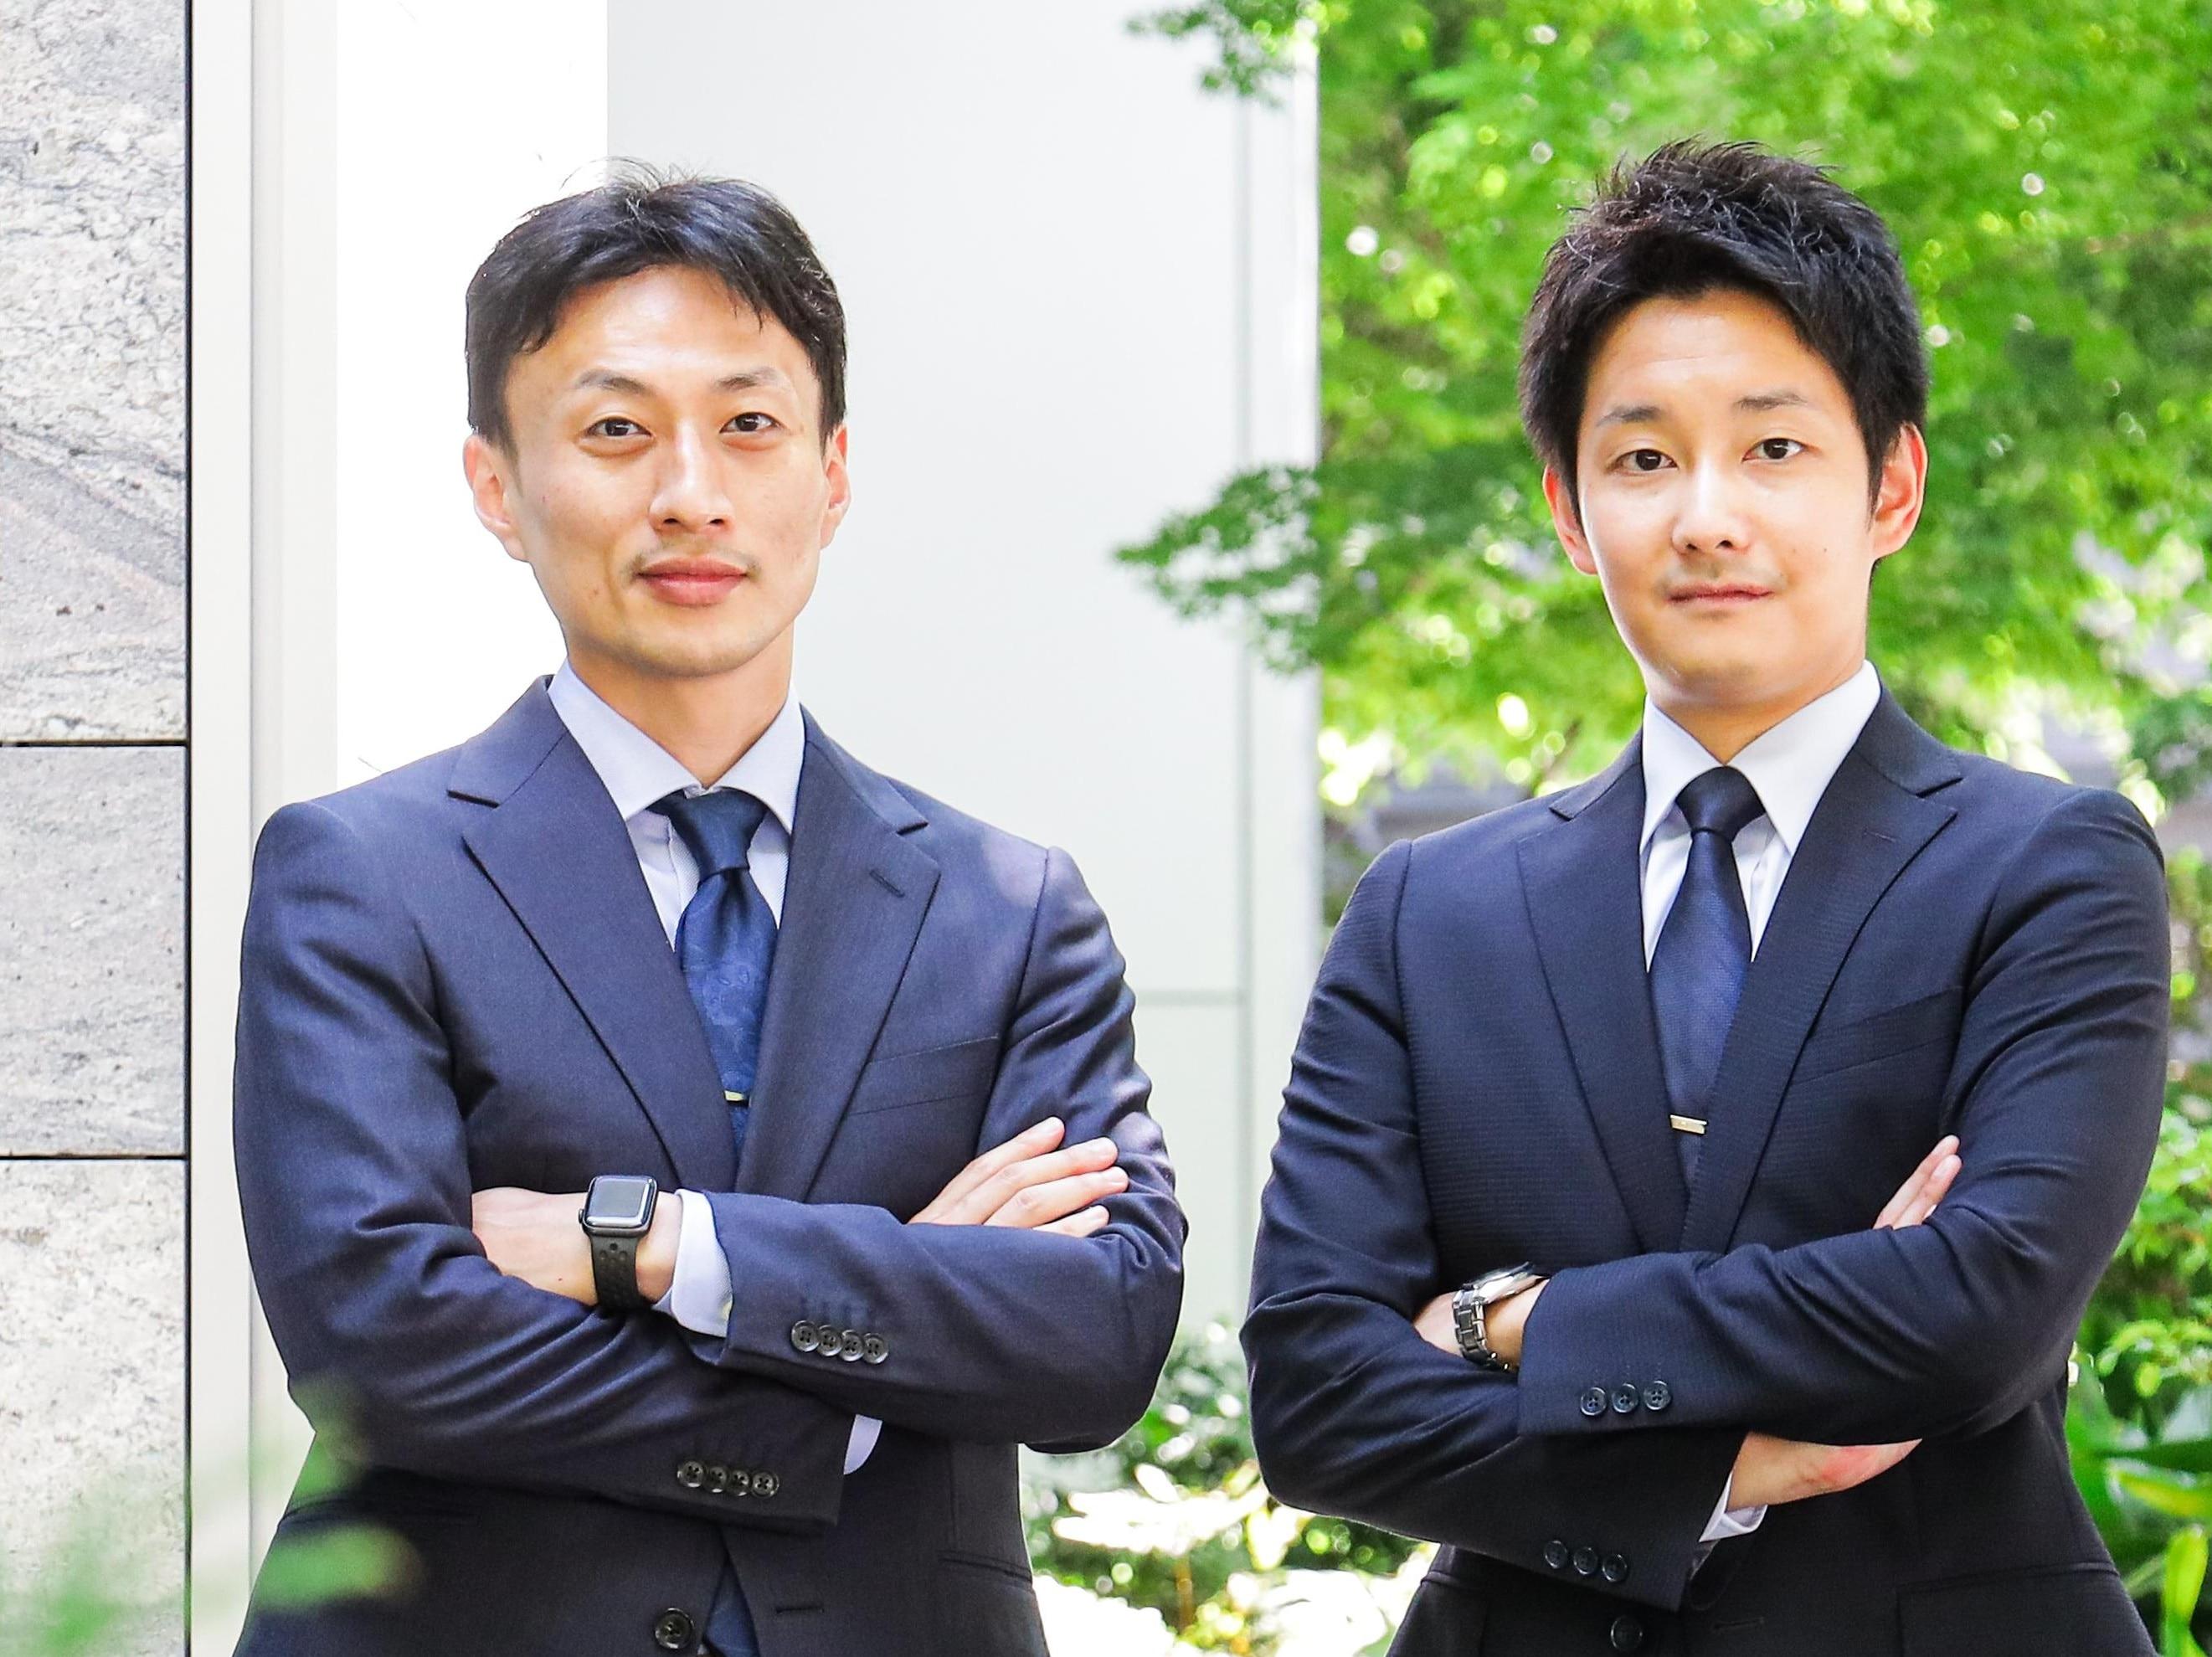 安田 剛弁護士